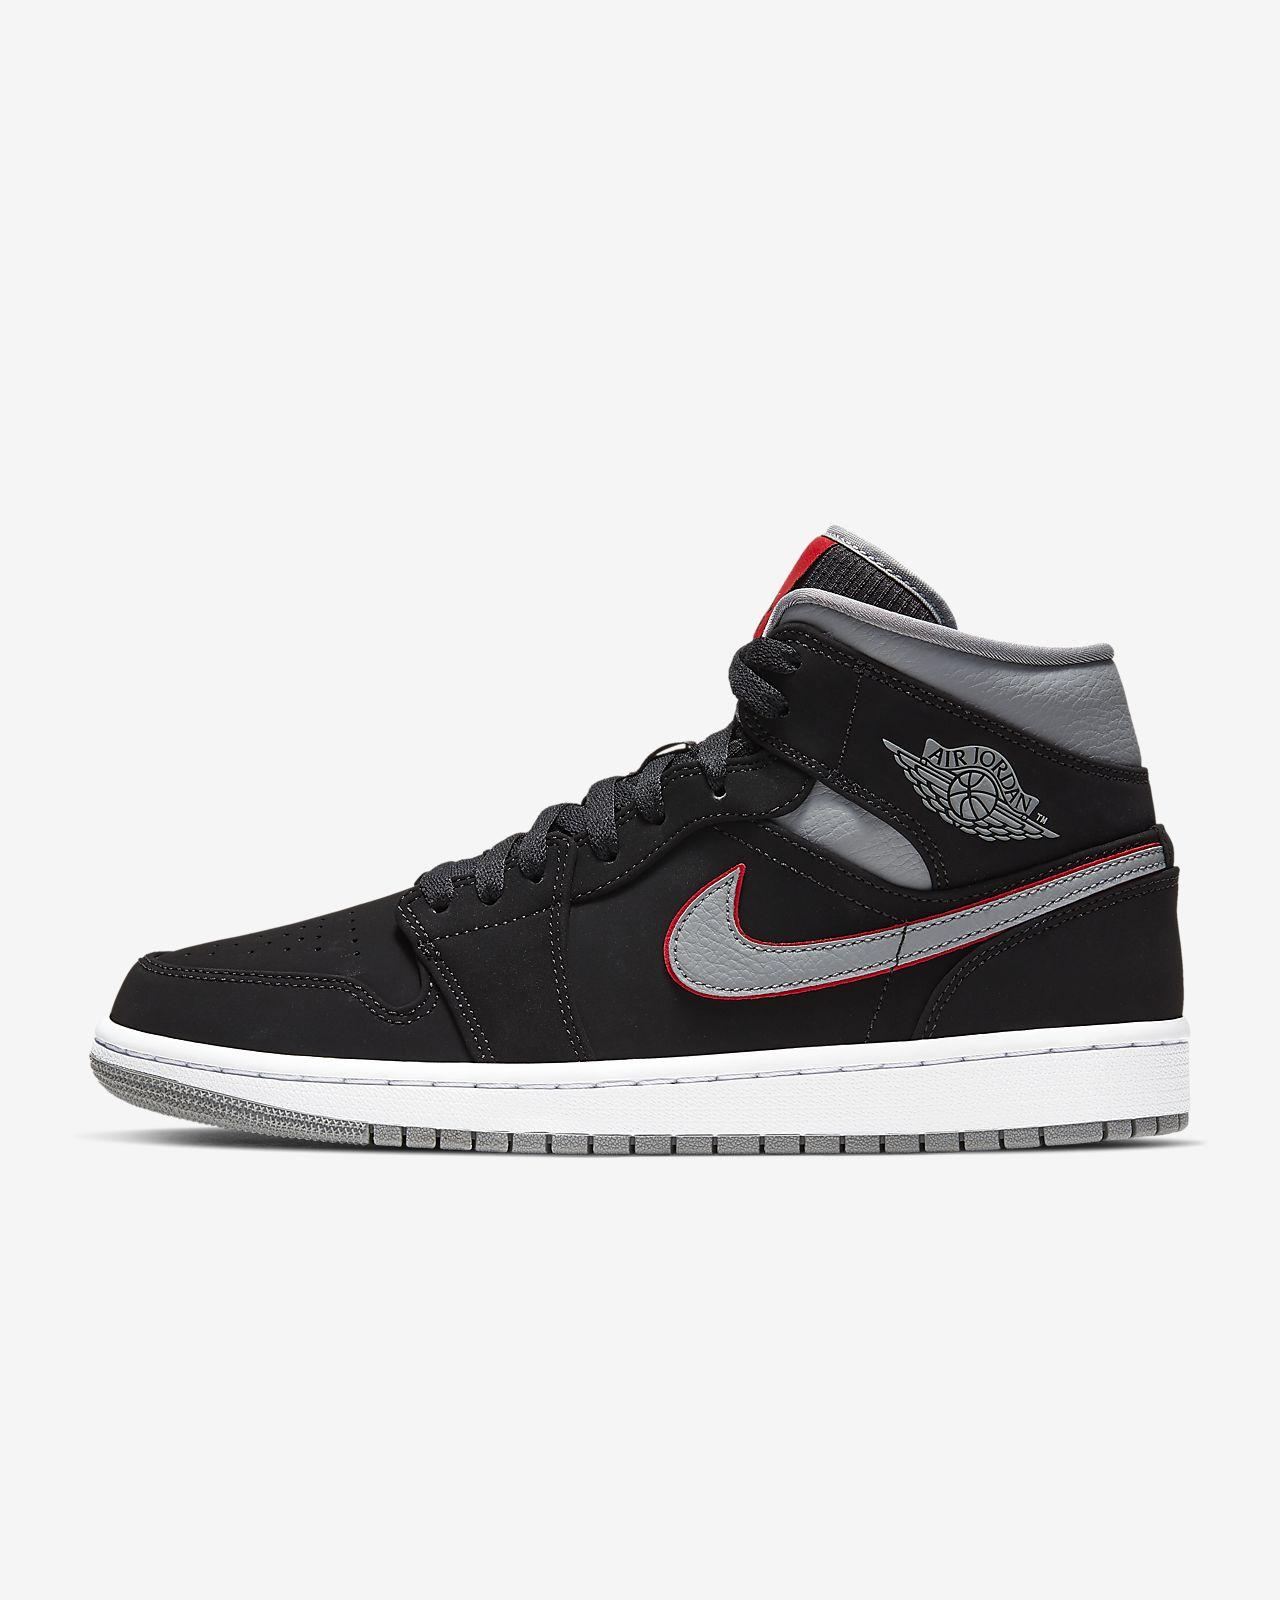 156578e6a7e6c Calzado para hombre Air Jordan 1 Mid. Nike.com MX